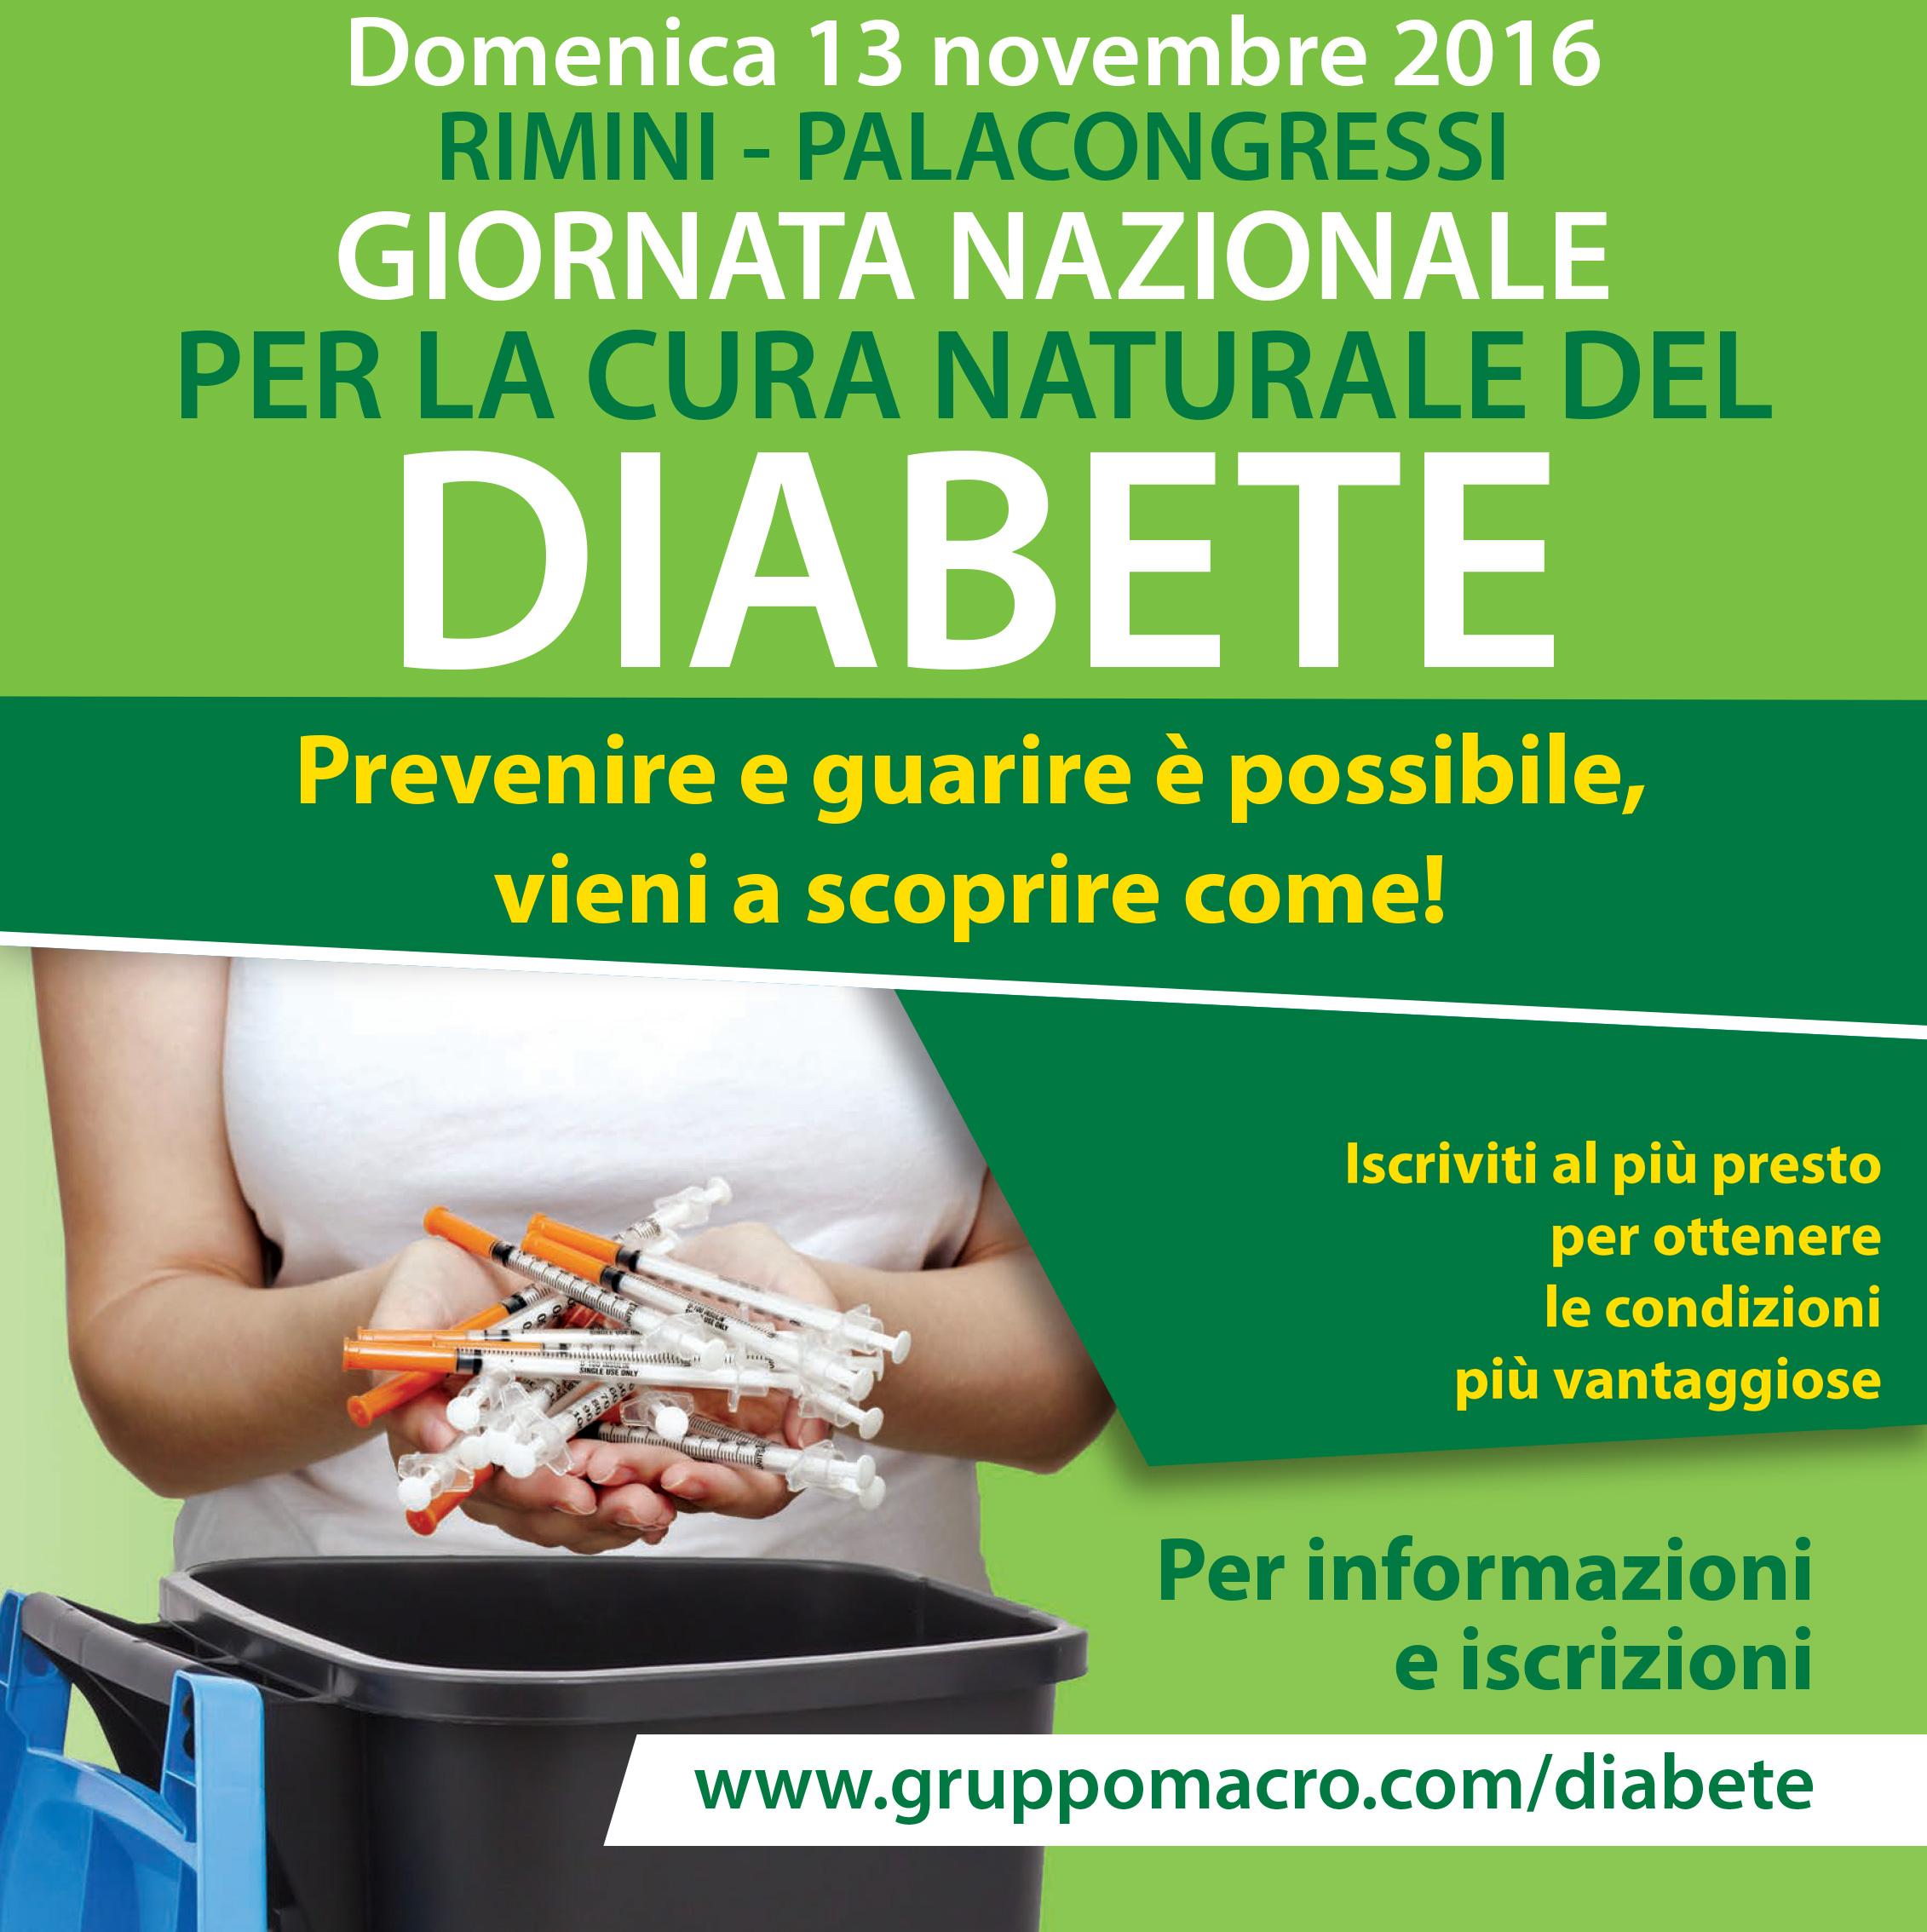 Convegno Diabete - Rimini 13 Novembre 2016